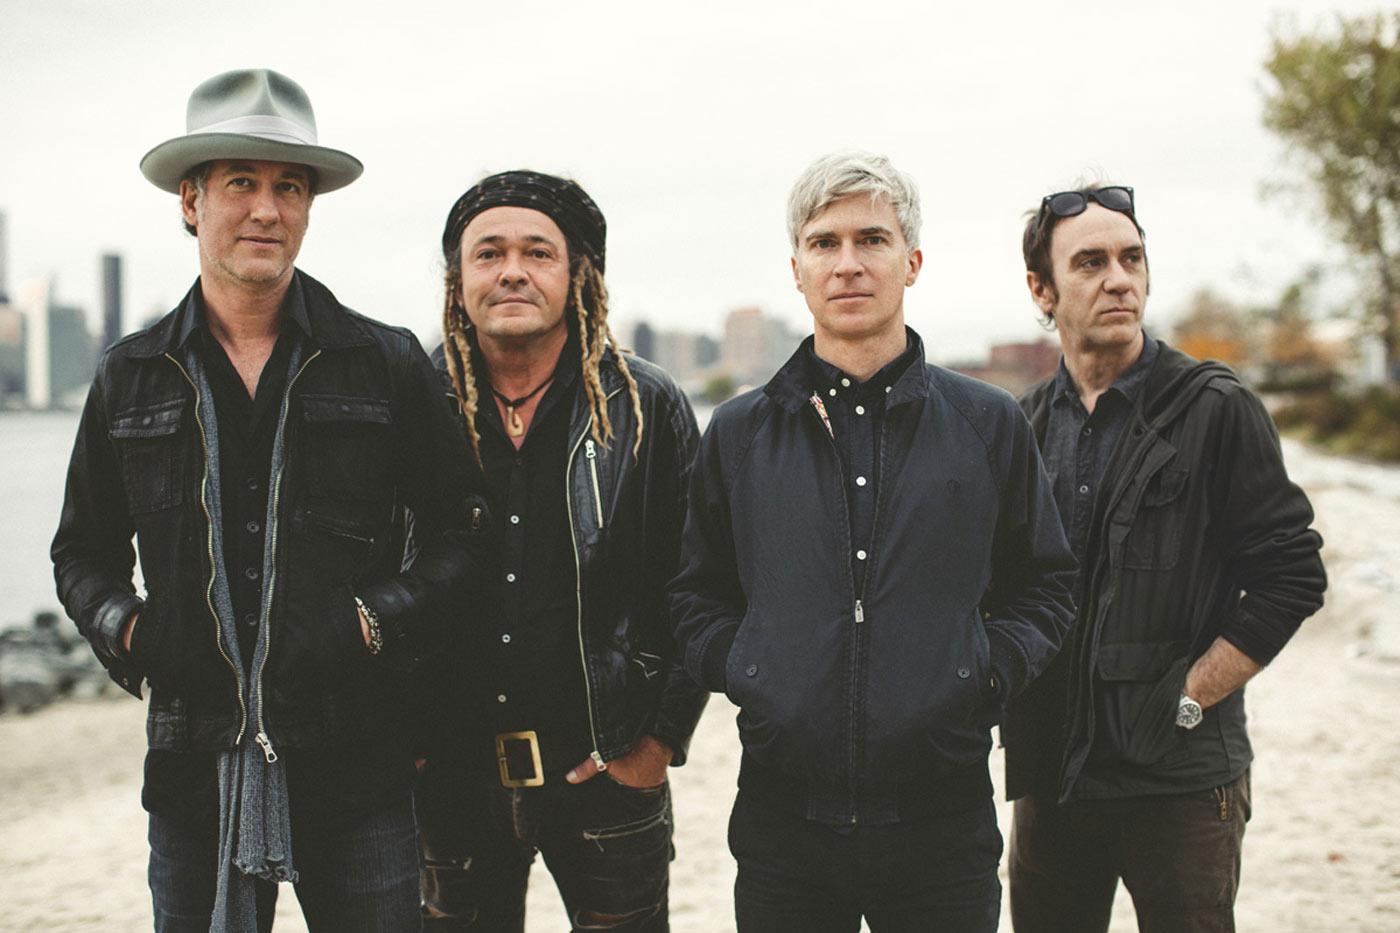 Los conciertos de la semana 10/20: Nada Surf, Ash Grunwald, Mourn…